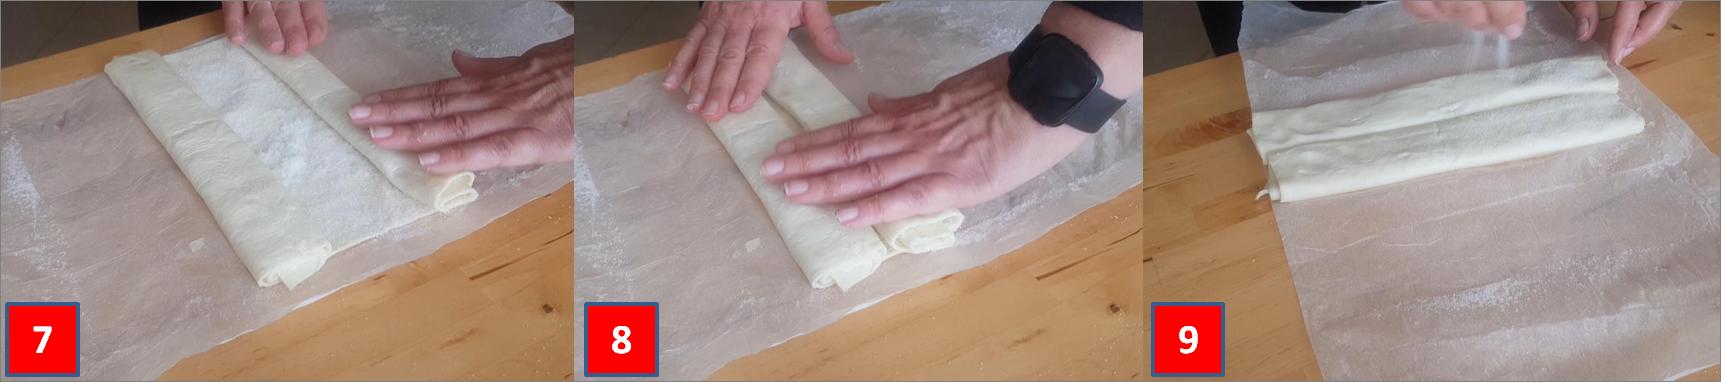 ricetta passo passo ventagli di pasta sfoglia 3